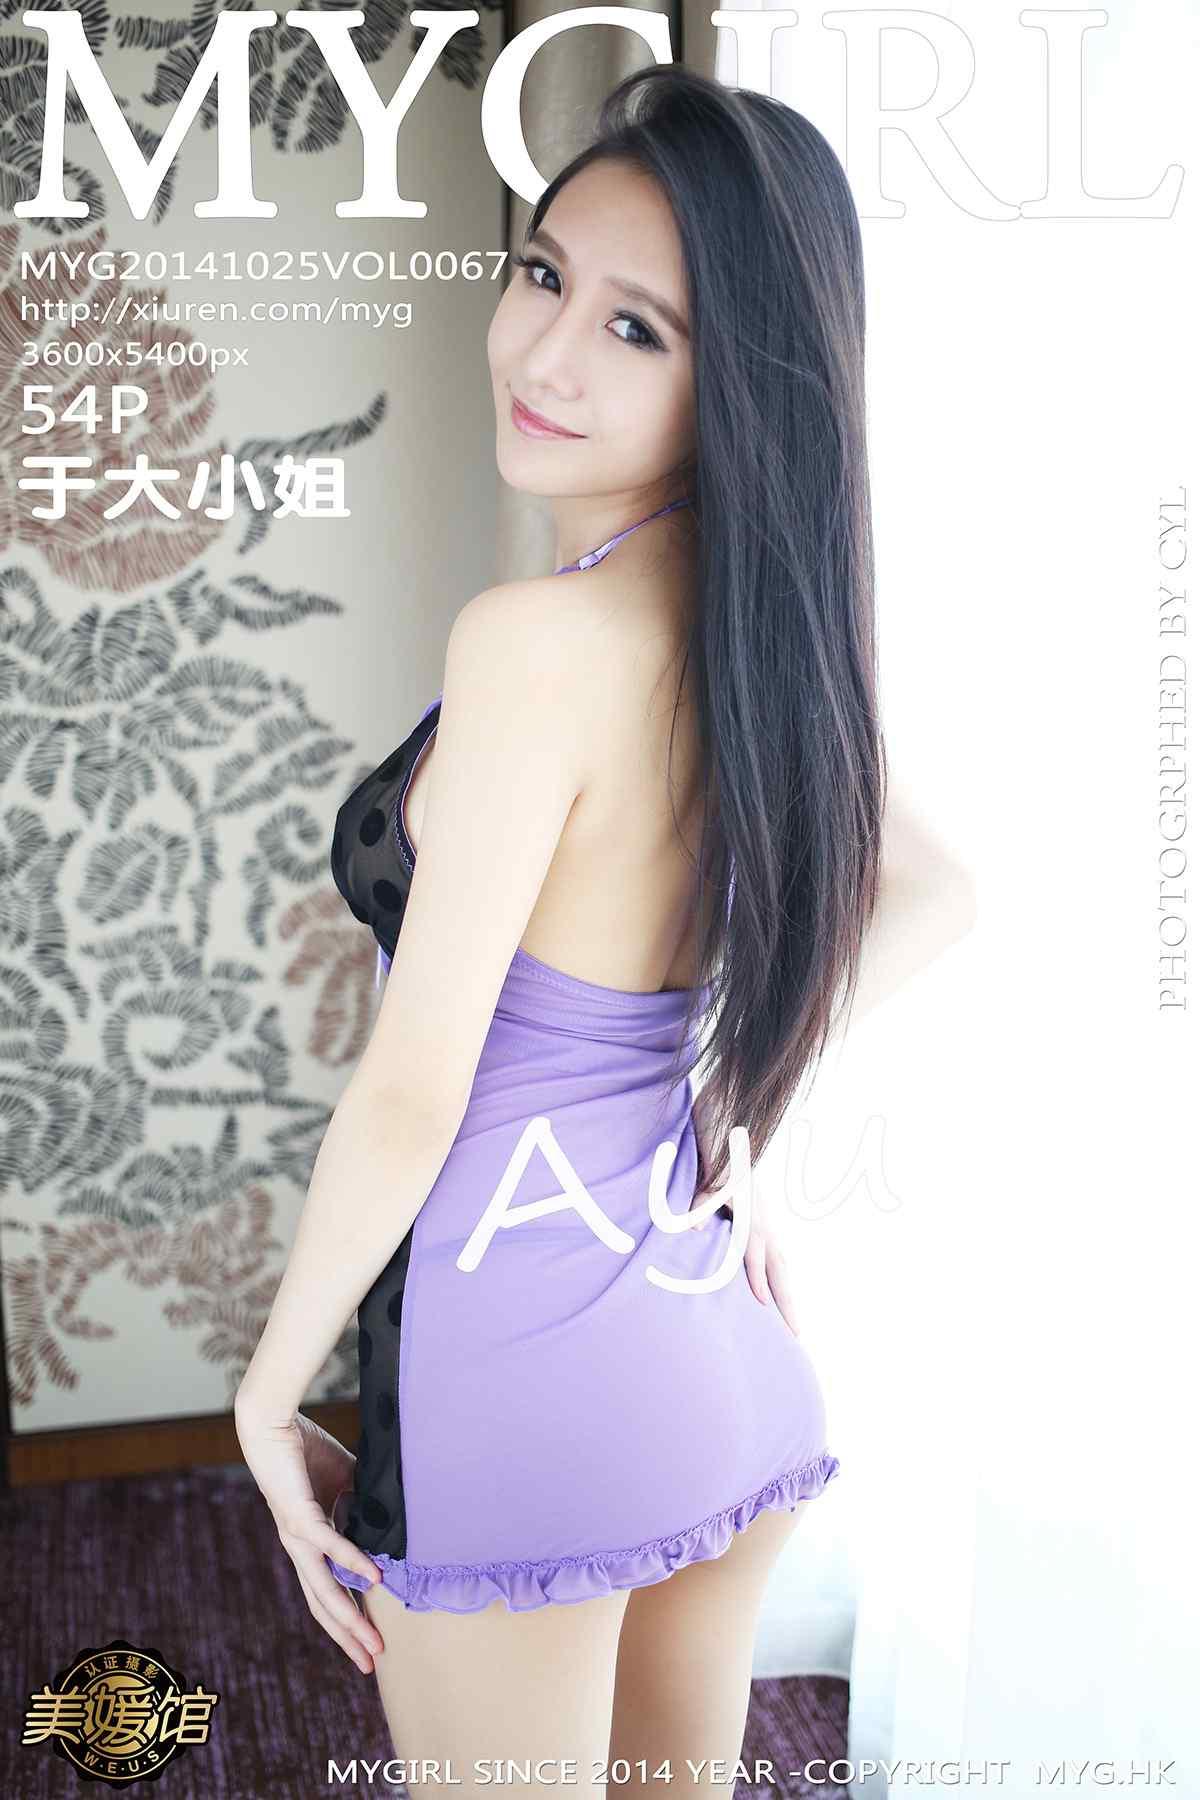 mygirl-067-cover.jpg